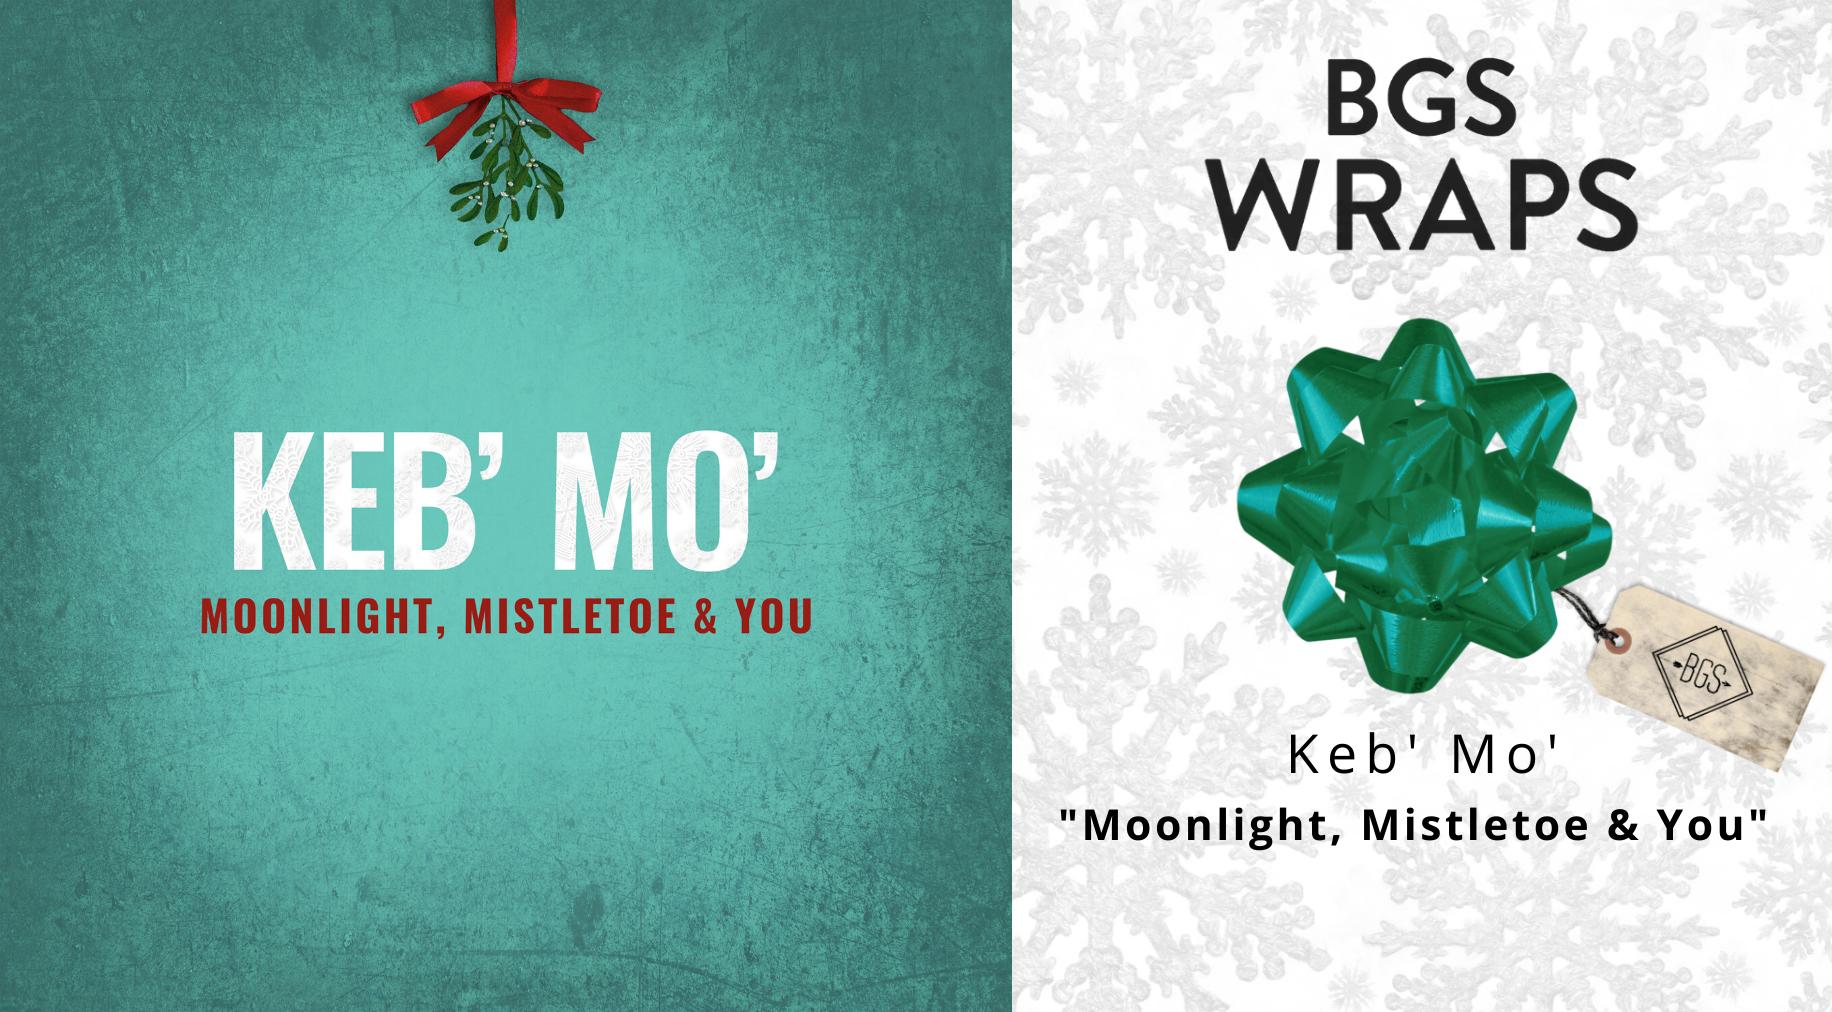 BGS WRAPS: Keb' Mo',